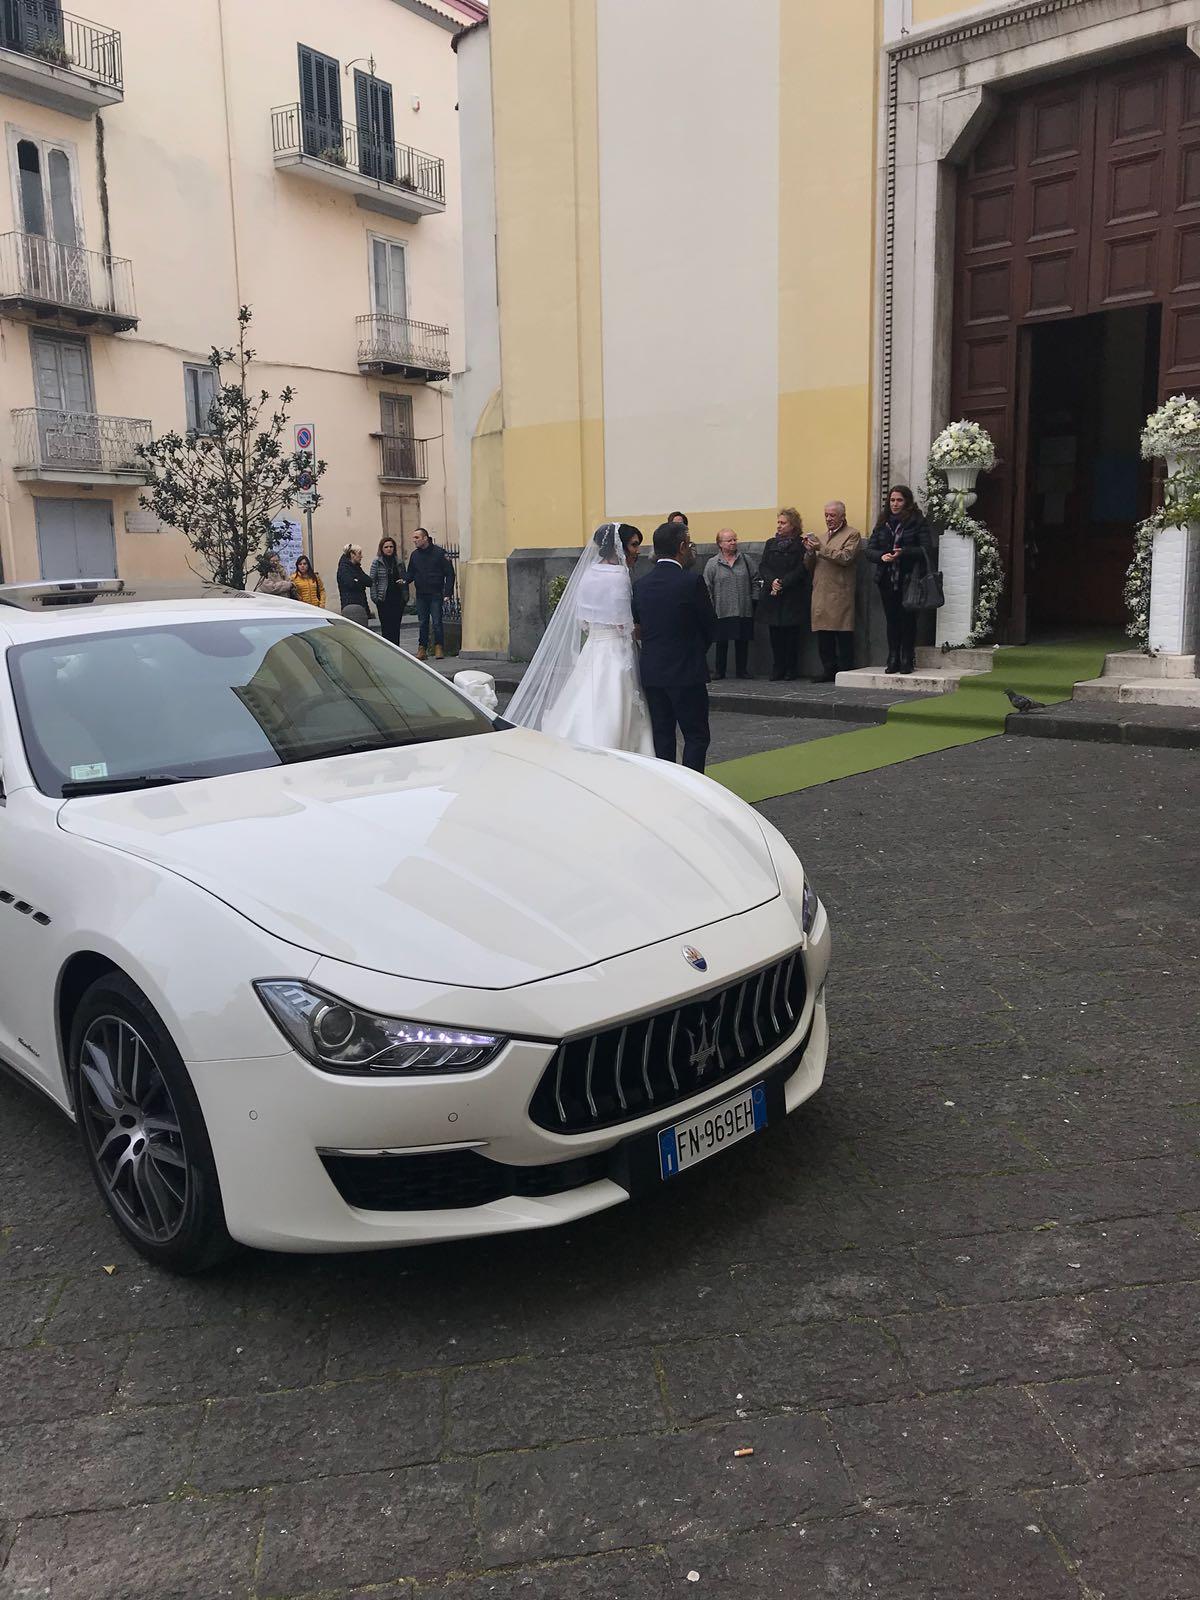 La nuova Maserati Ghibli Bianca. Auto di grande lusso e di grande eleganza